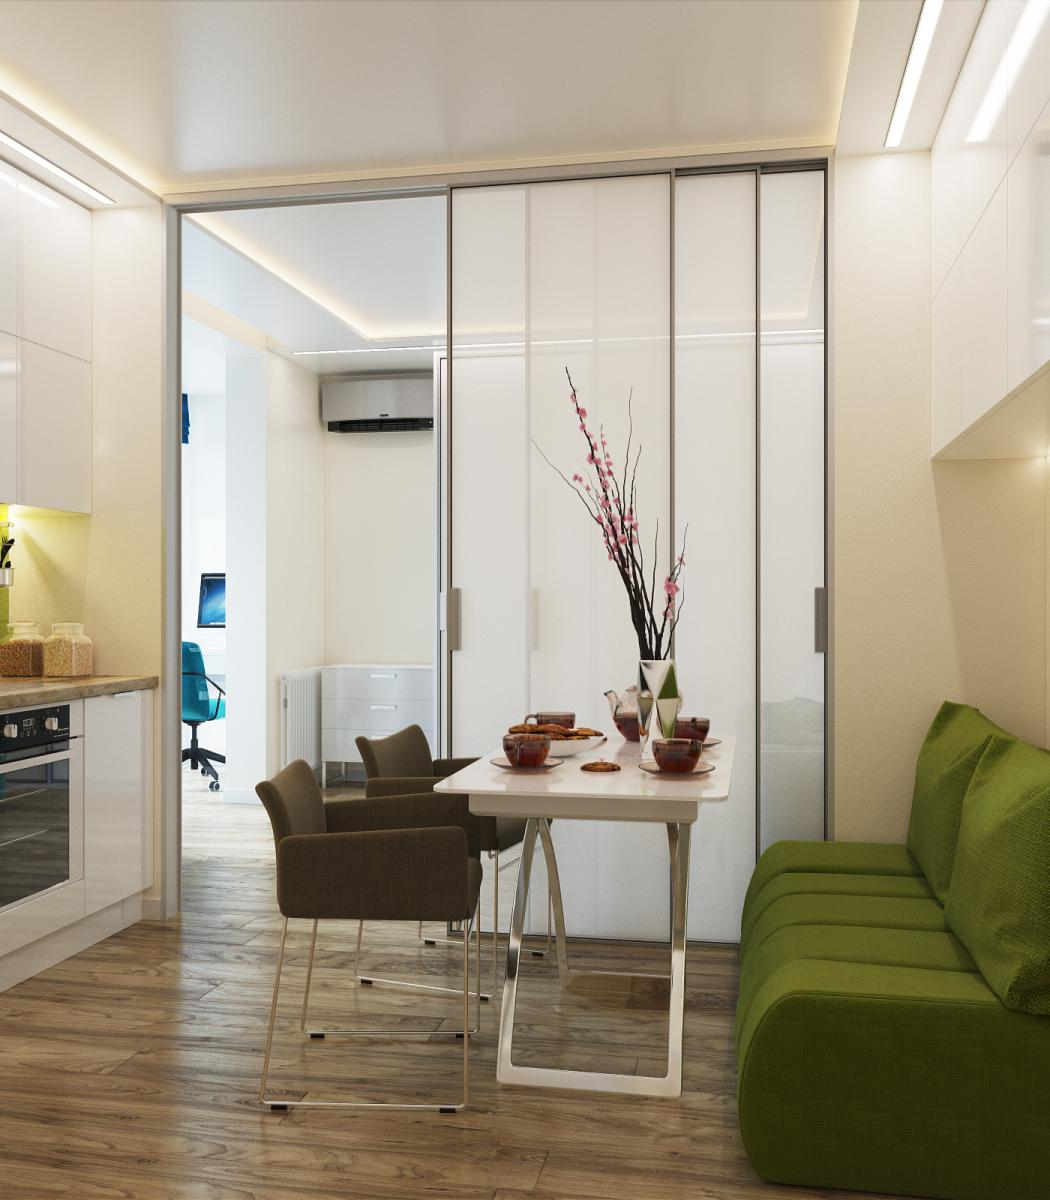 Однокомнатная квартира дизайн 33 кв